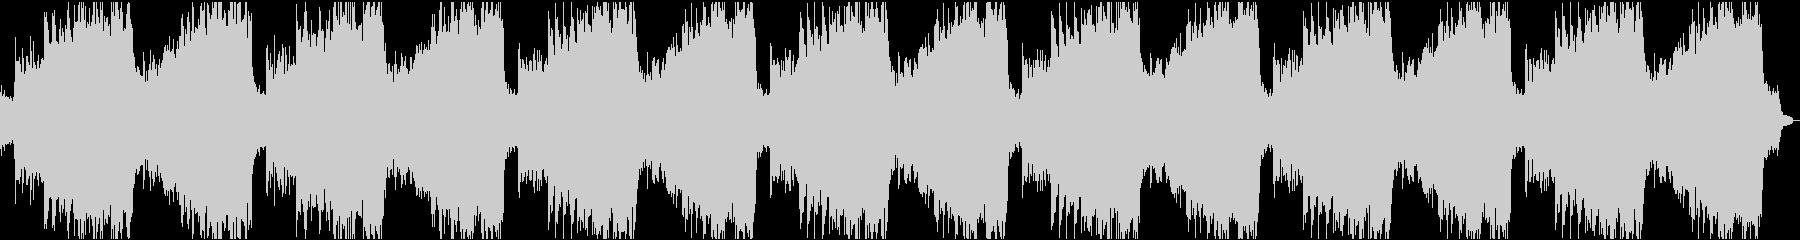 企業VP29 16分16bit48kHzの未再生の波形